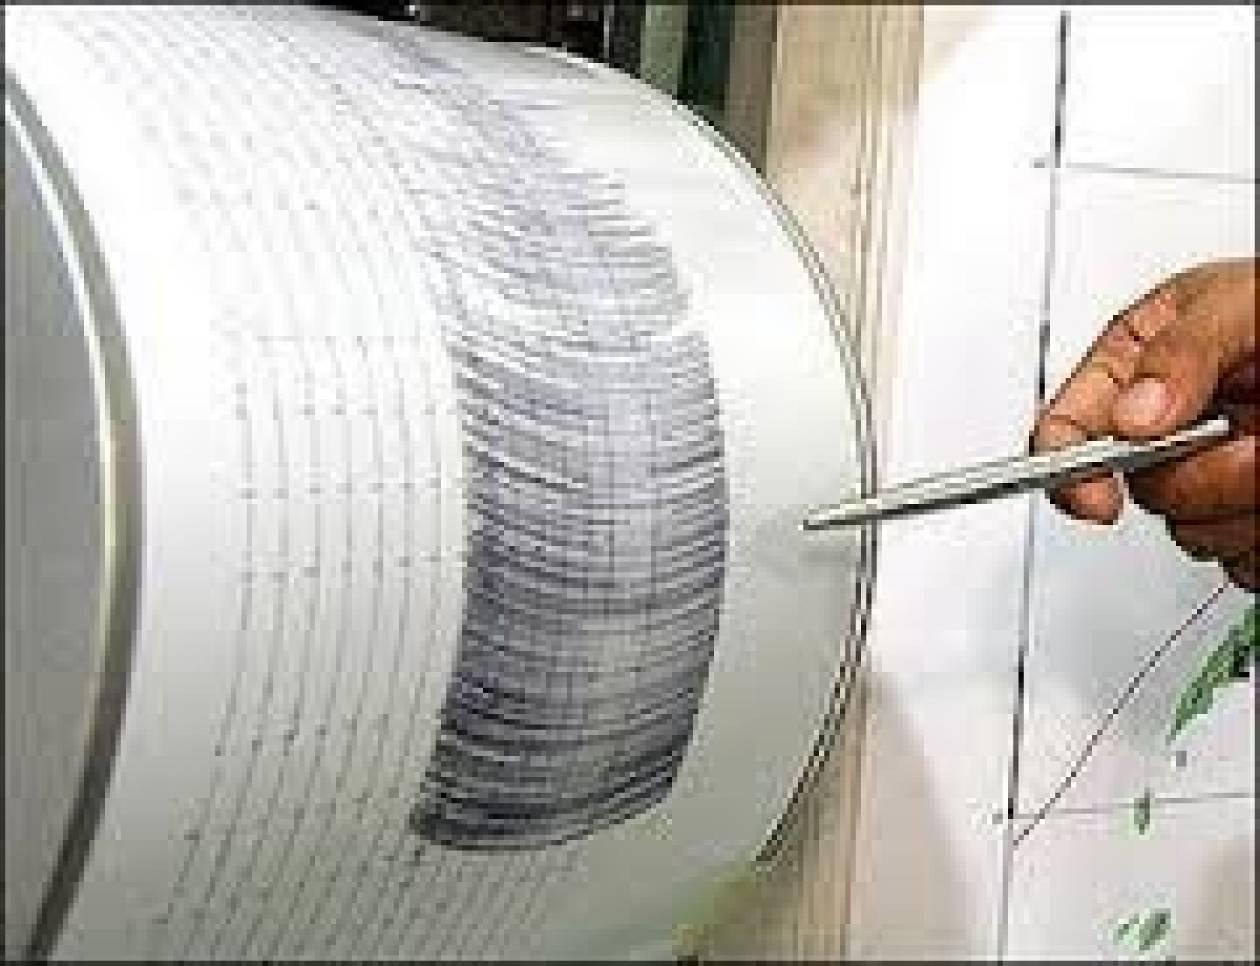 Σεισμός 4,3 Ρίχτερ στη Ρουμανία